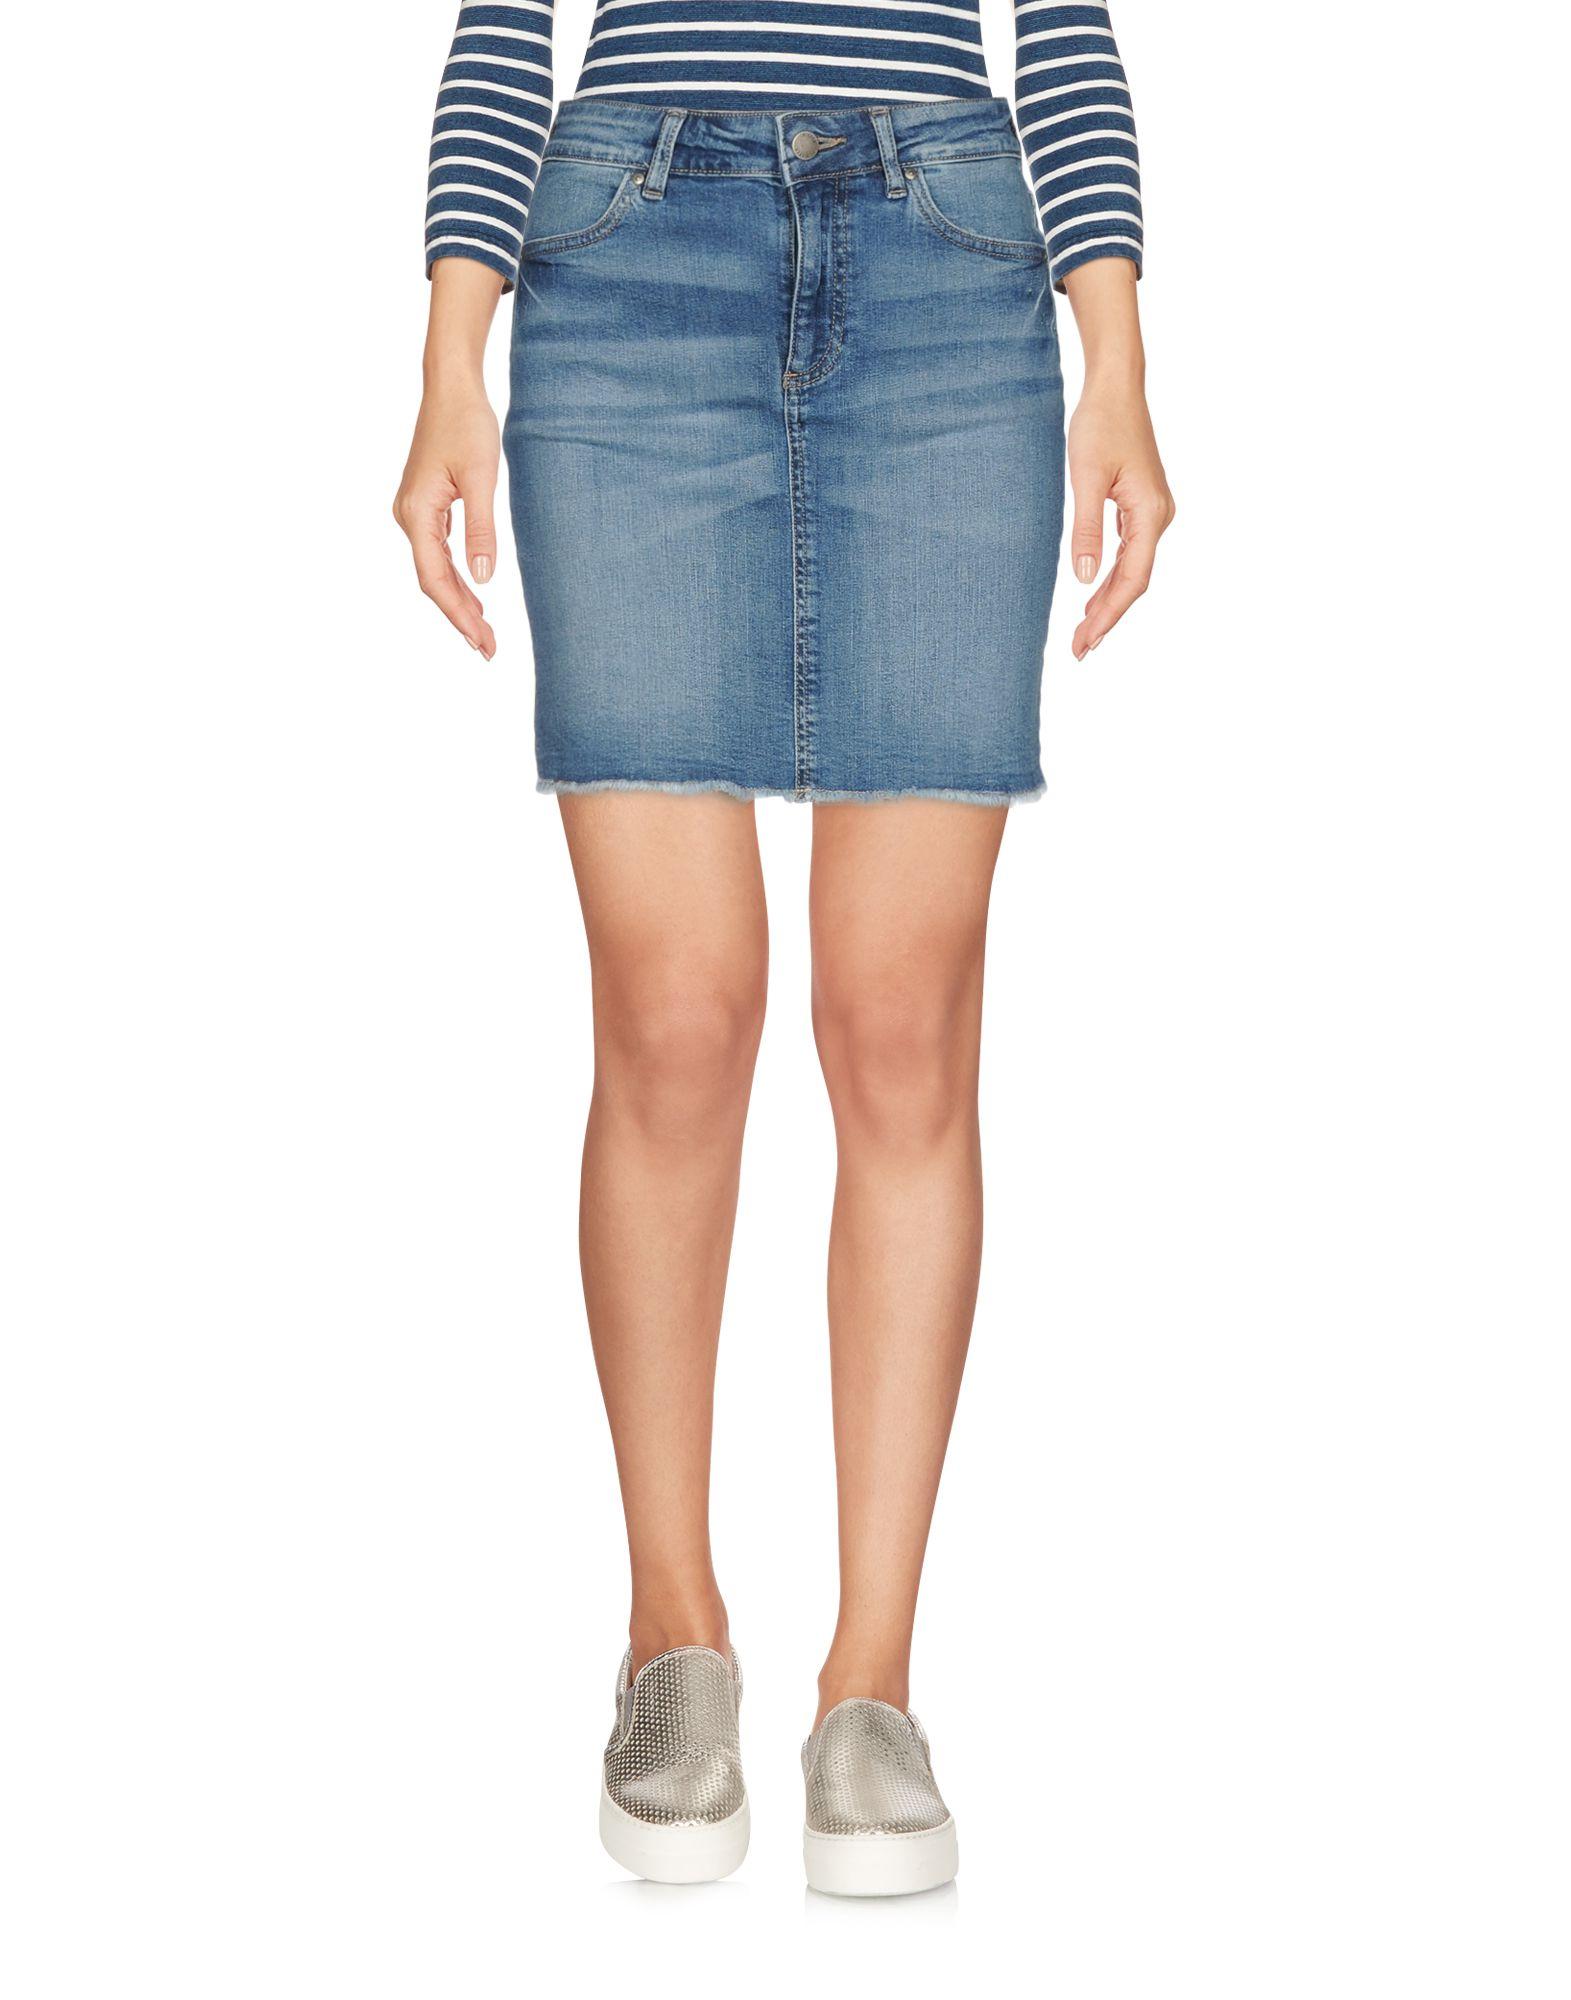 Фото - PIECES Джинсовая юбка pieces джинсовая юбка